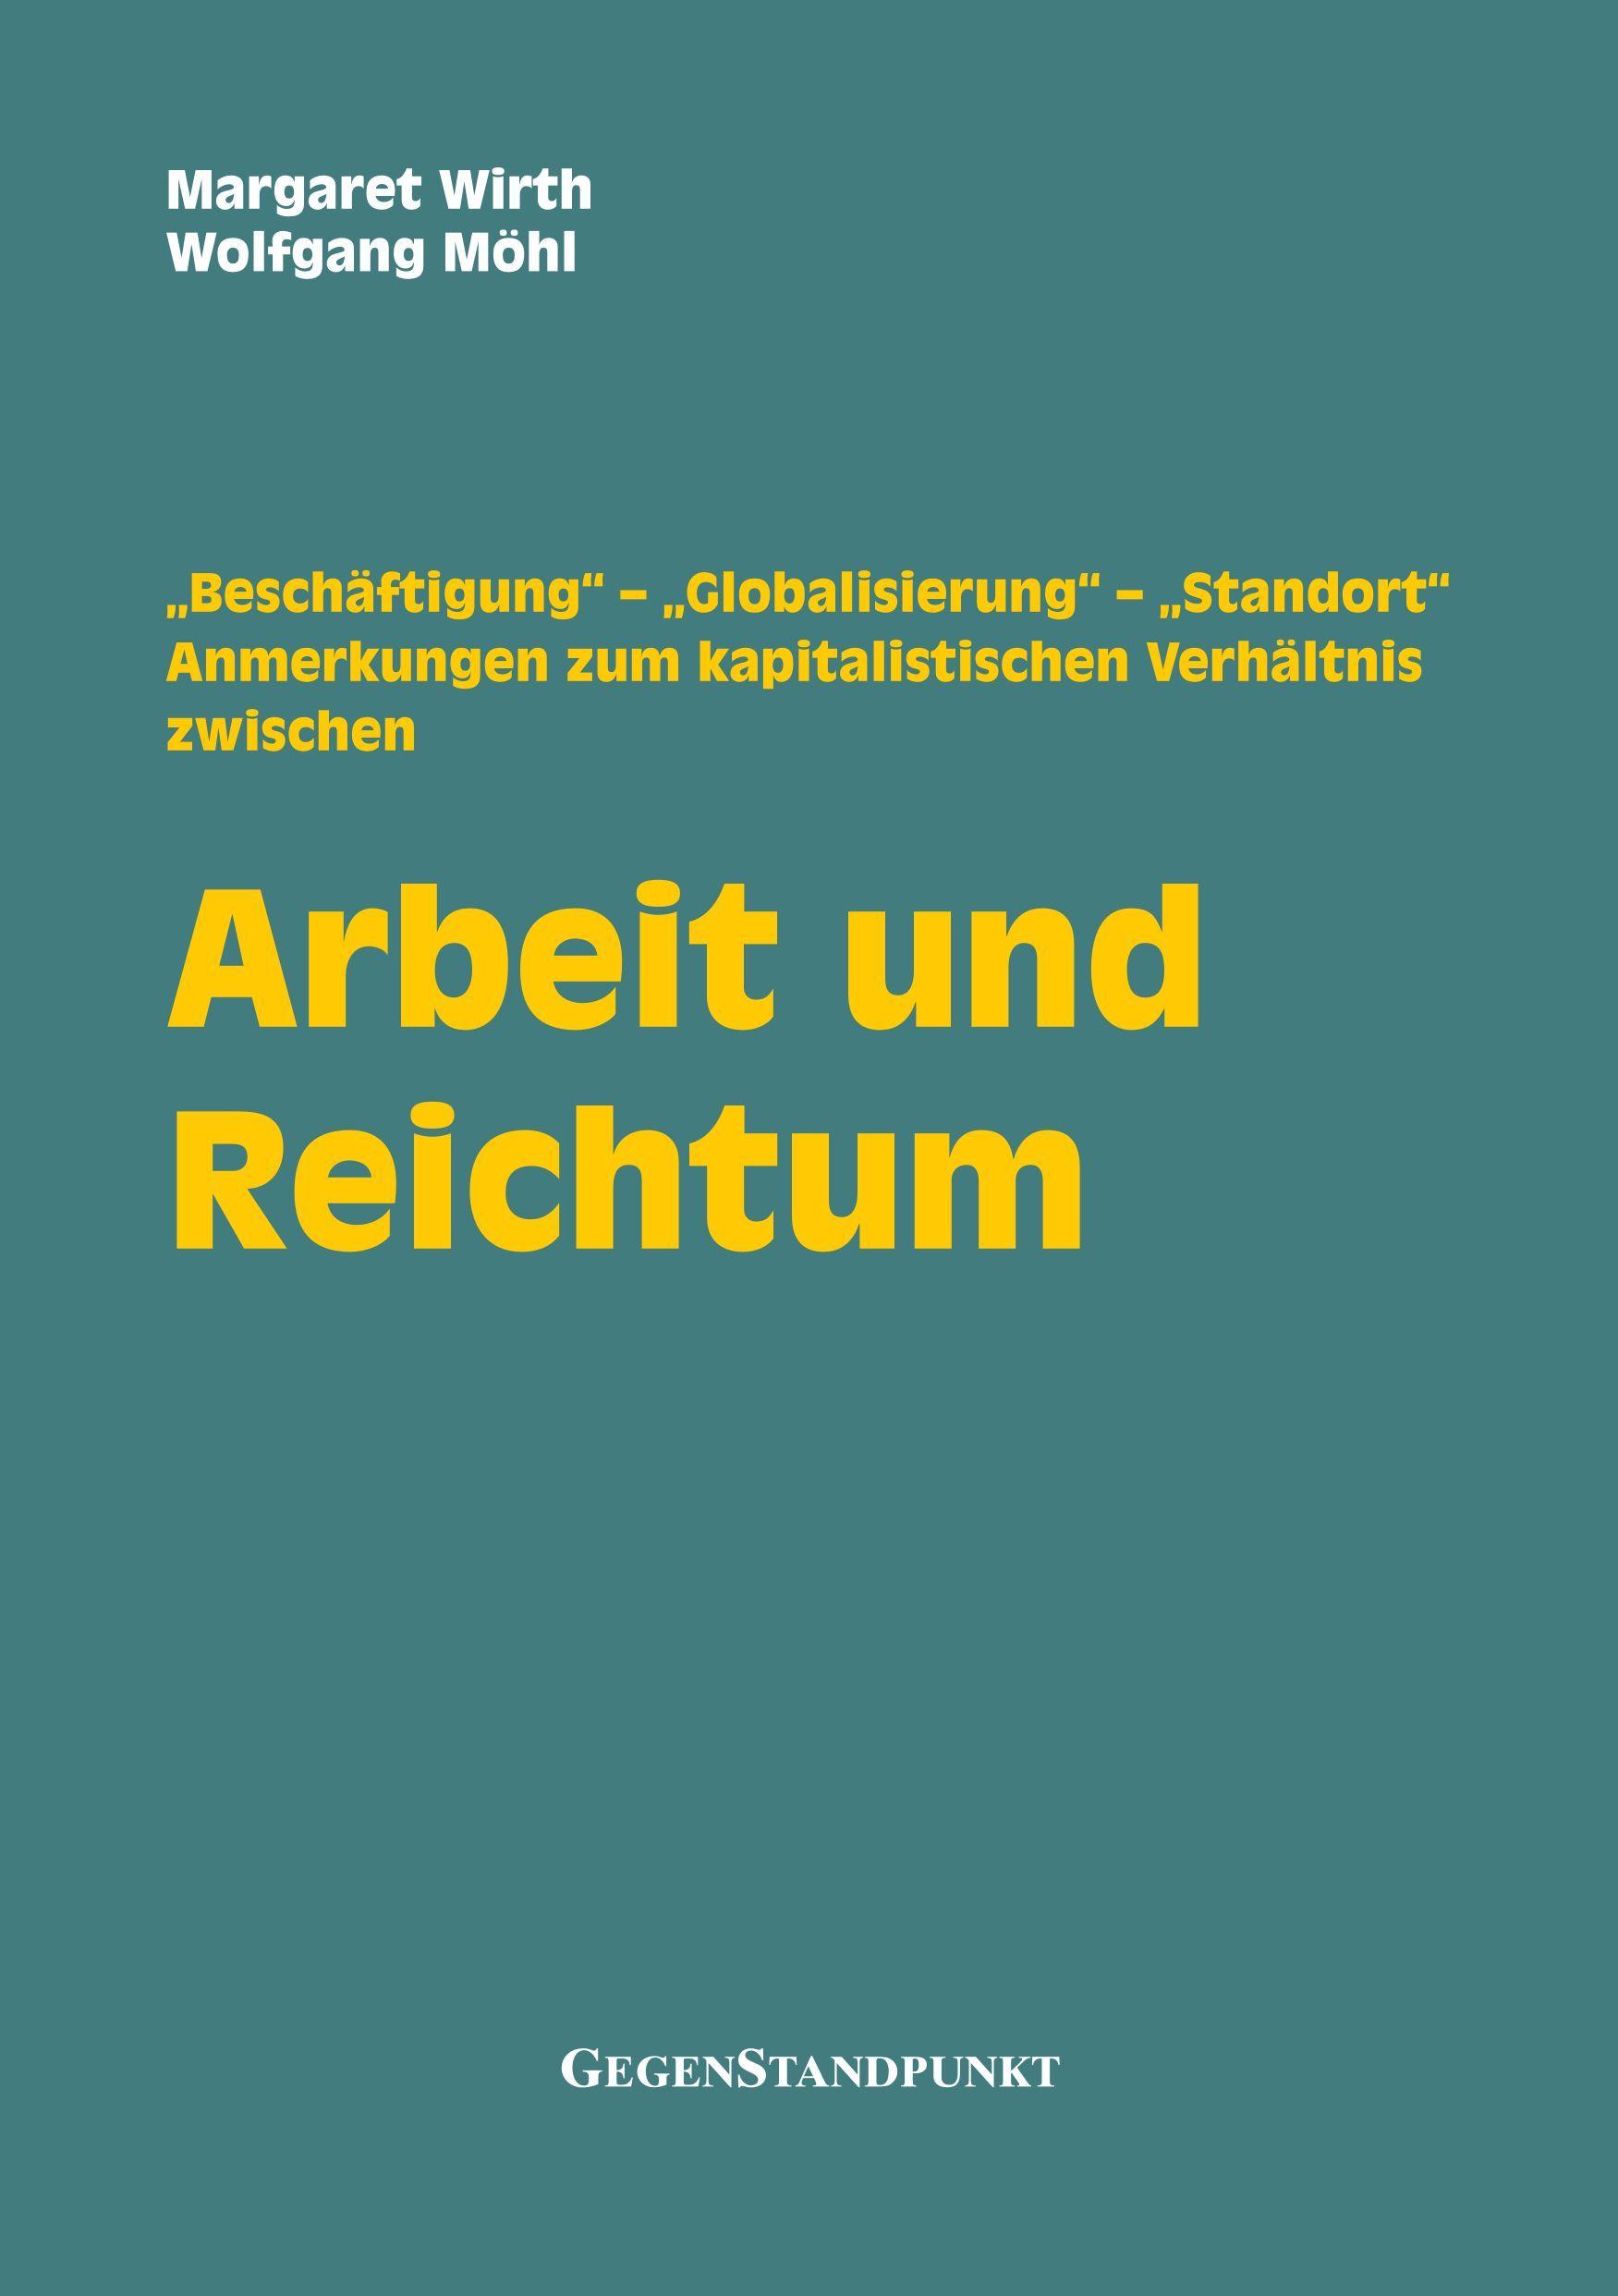 """""""Beschäftigung"""" – """"Globalisierung"""" – """"Standort"""" Anmerkungen zum kapitalistischen Verhältnis zwischen Arbeit und Reichtum"""